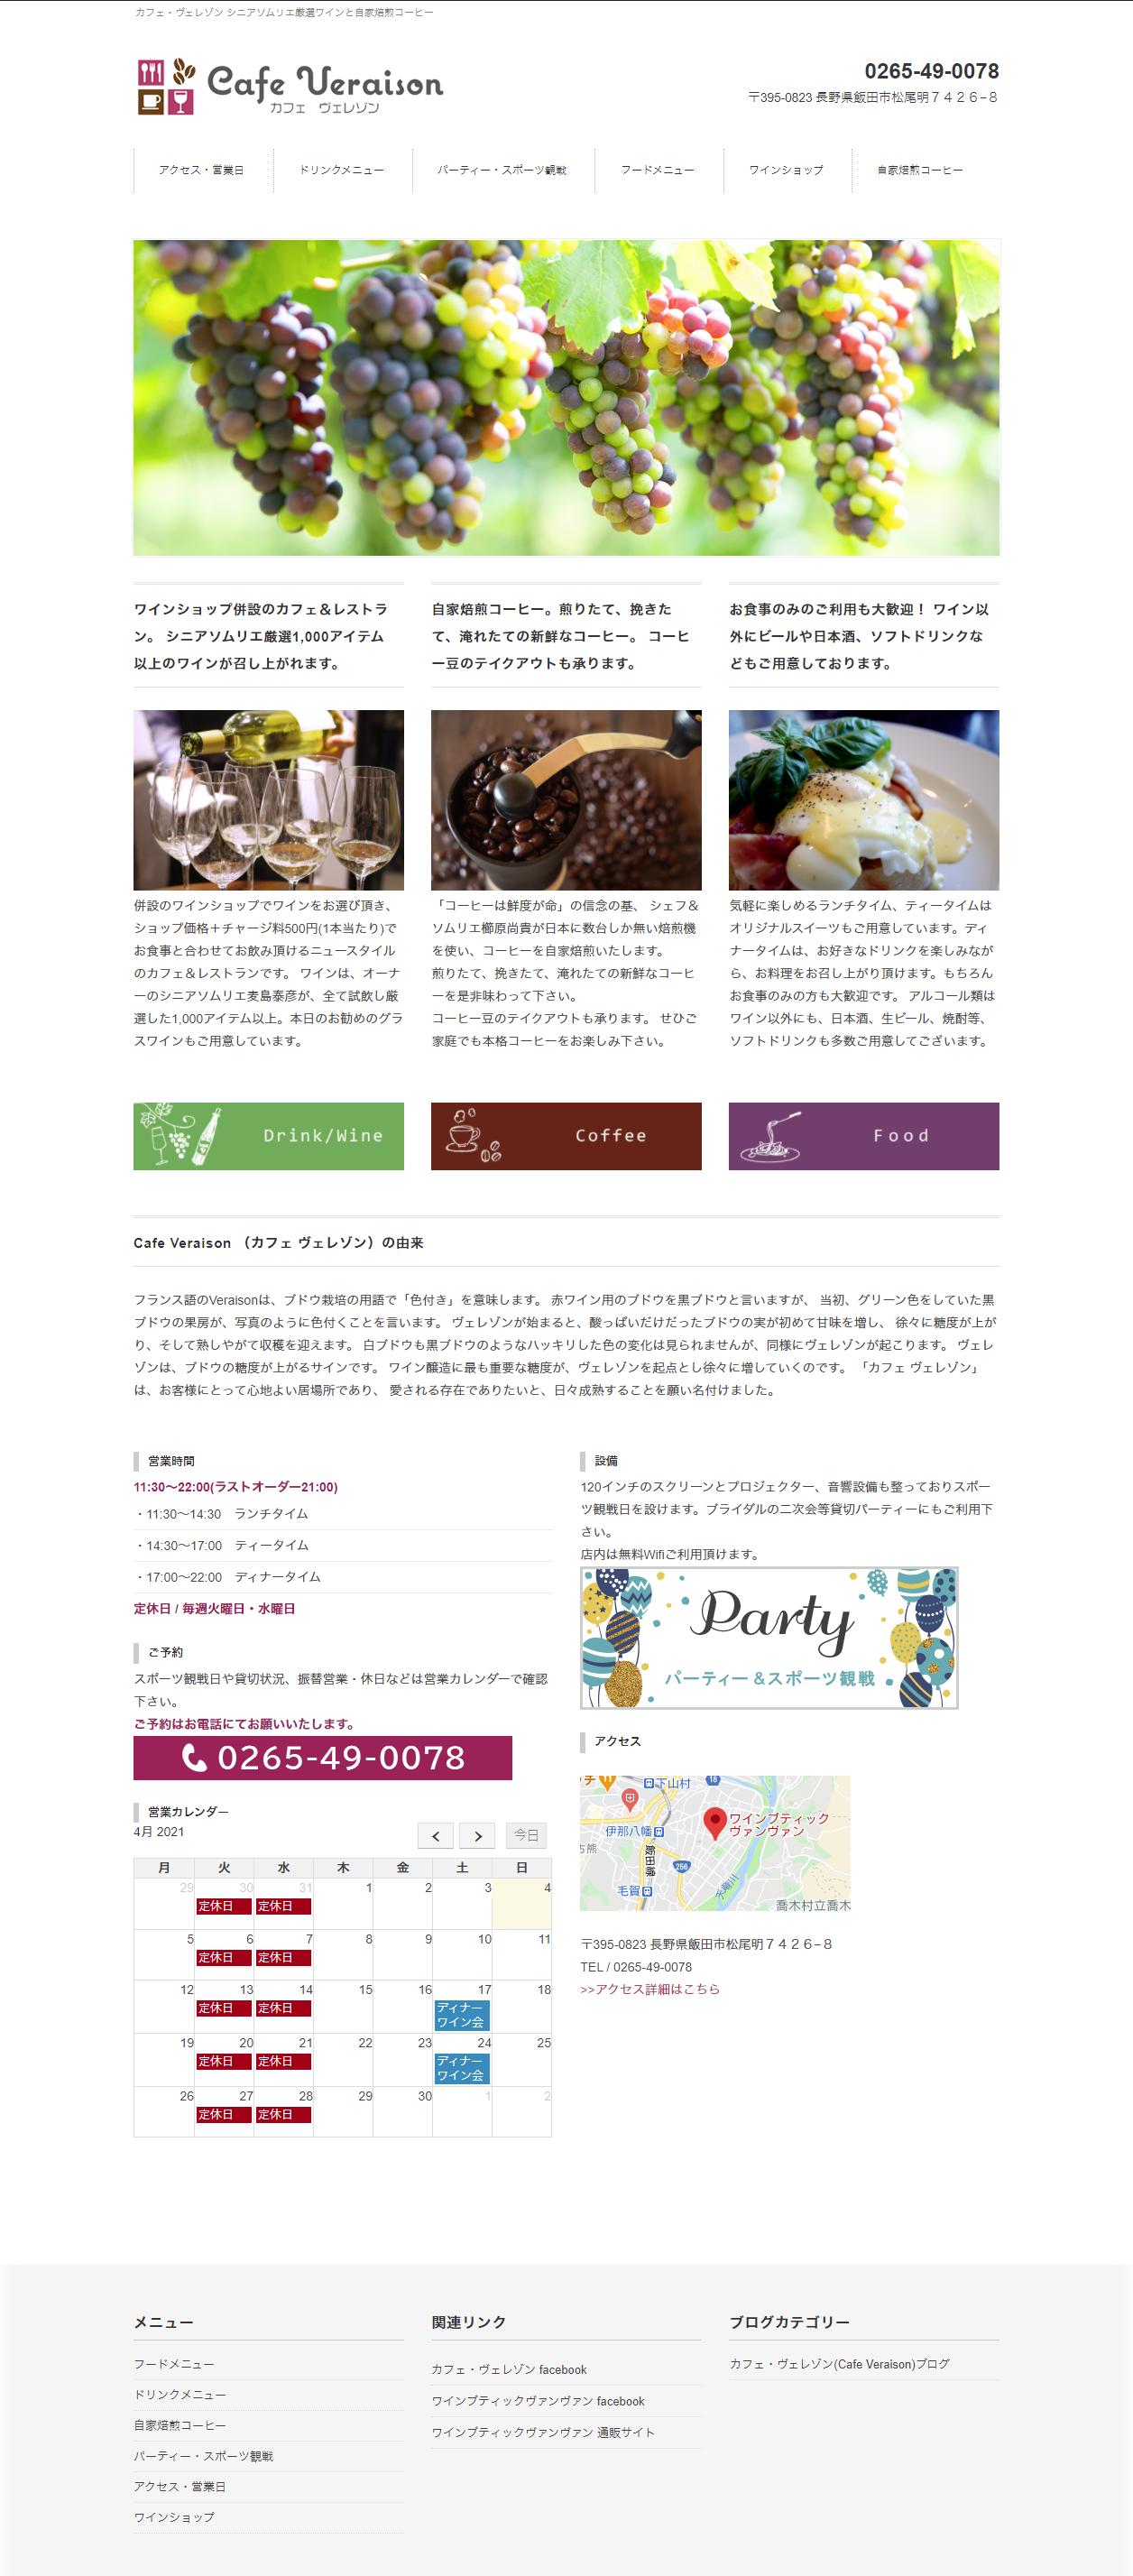 ホームページ制作 カフェヴェレゾン様(飯田市)